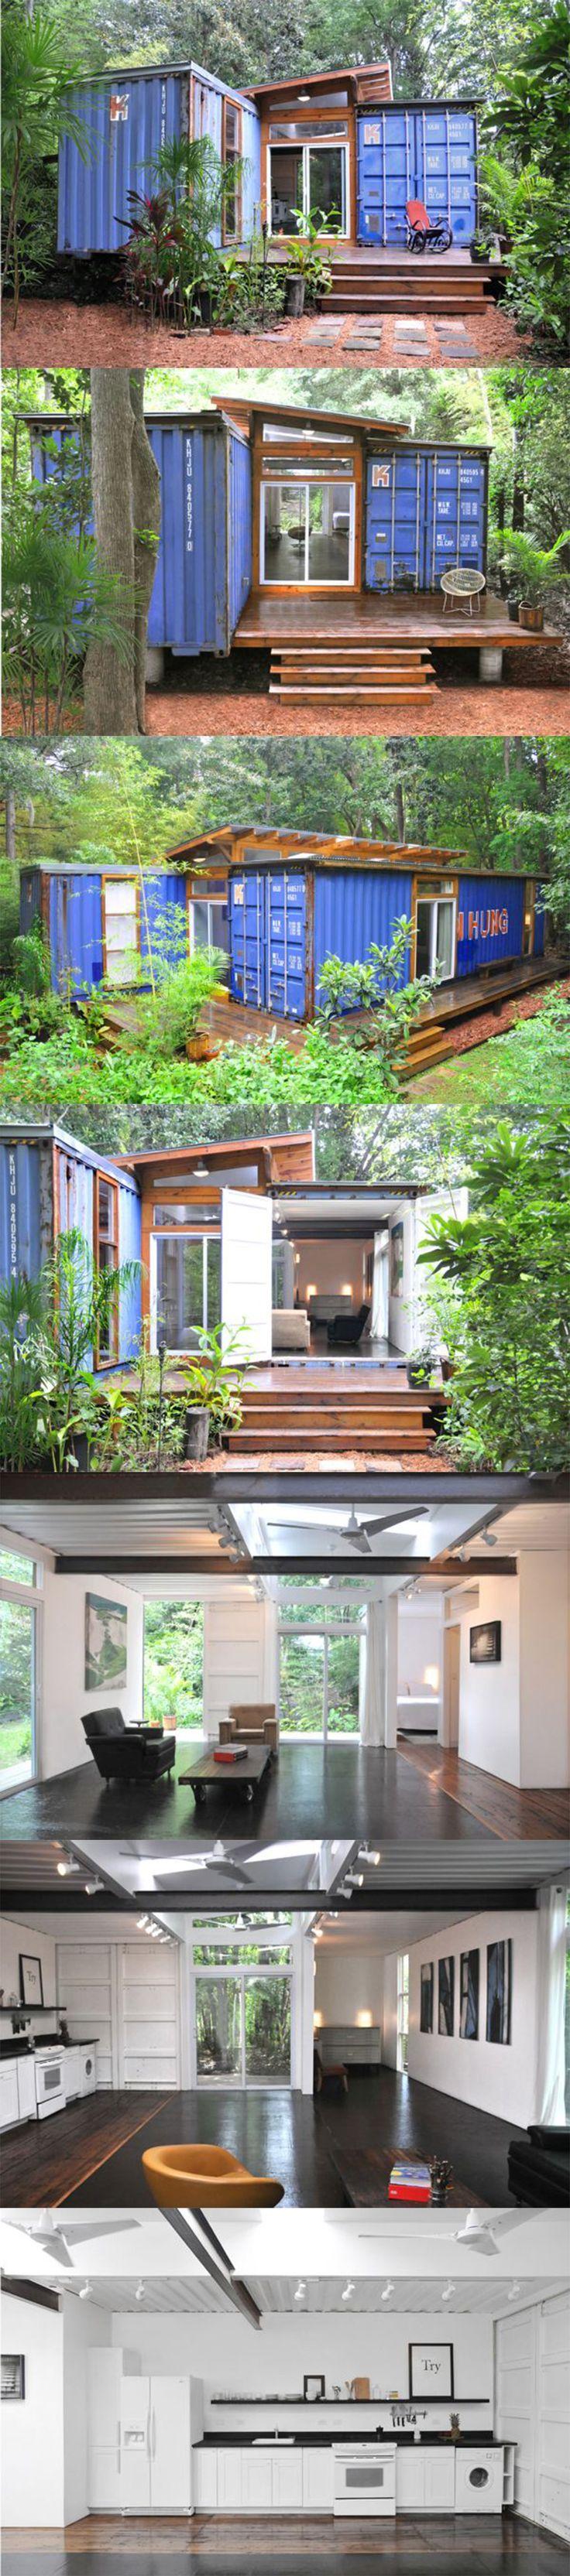 Casa sustentável: toda a sofisticação de um contêiner - Clique para ler mais!   #architecture #arquitetura #conteiner #container #houses #sustentabilidade